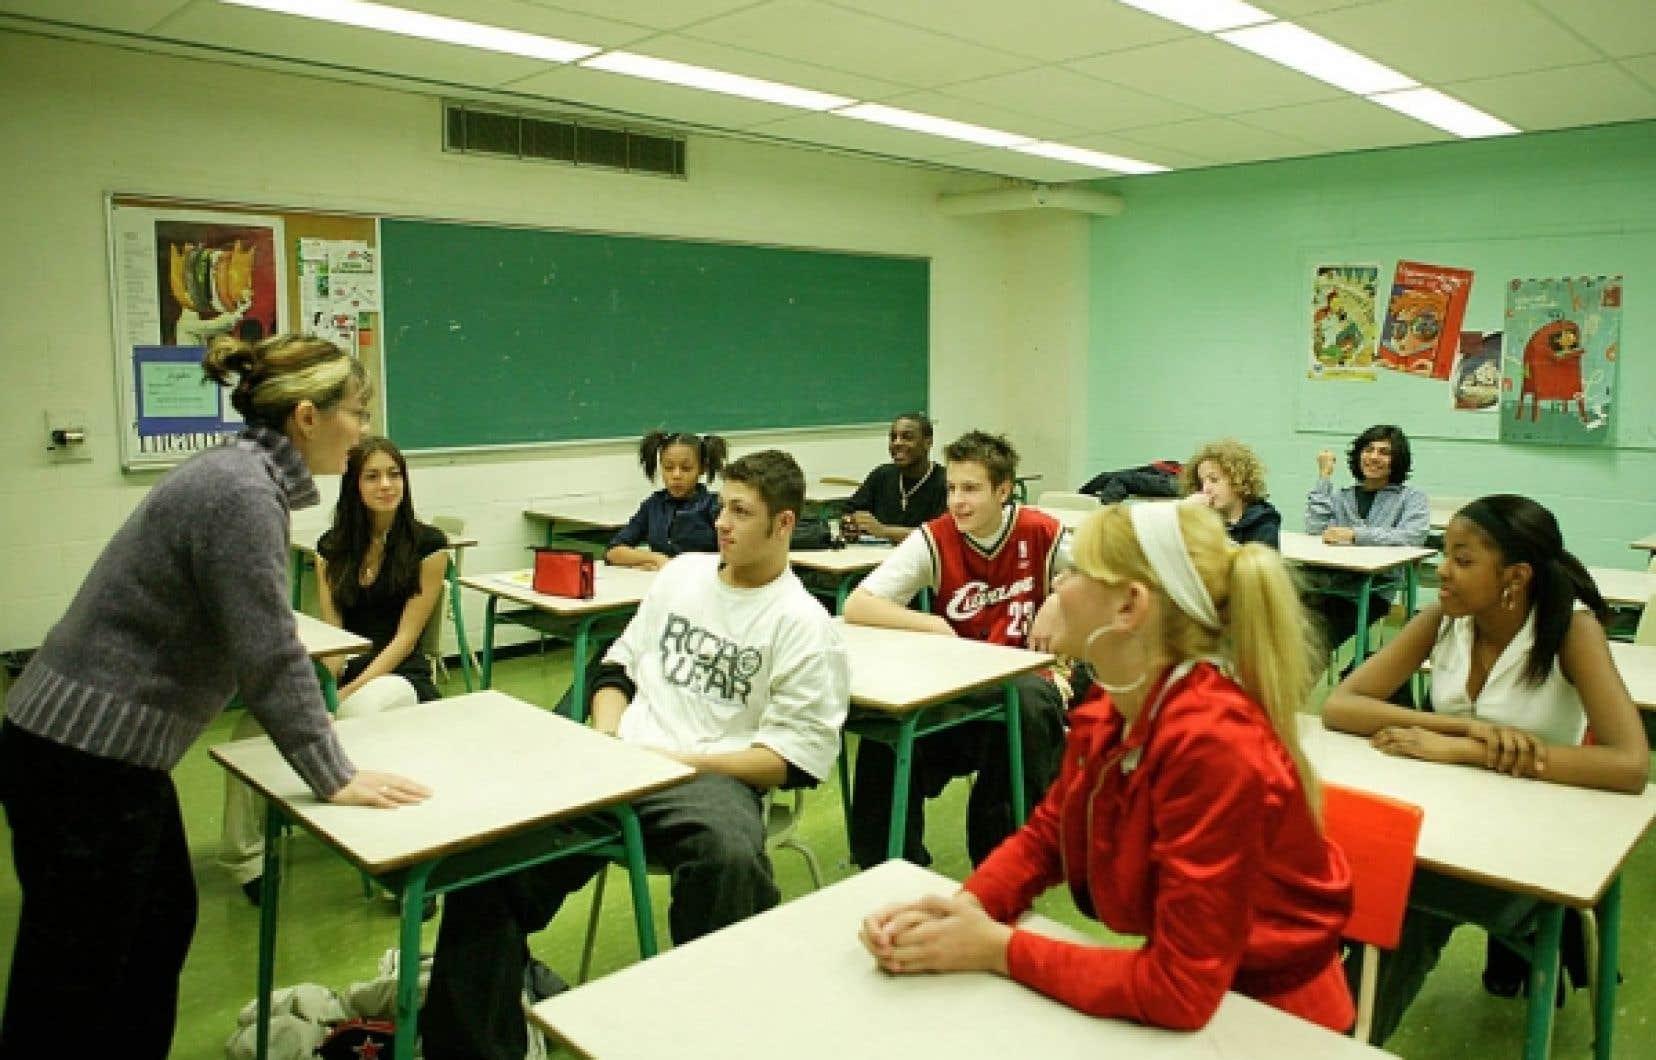 Les enseignantes reçoivent une formation universitaire de qua-tre ans entrecoupée de stages.